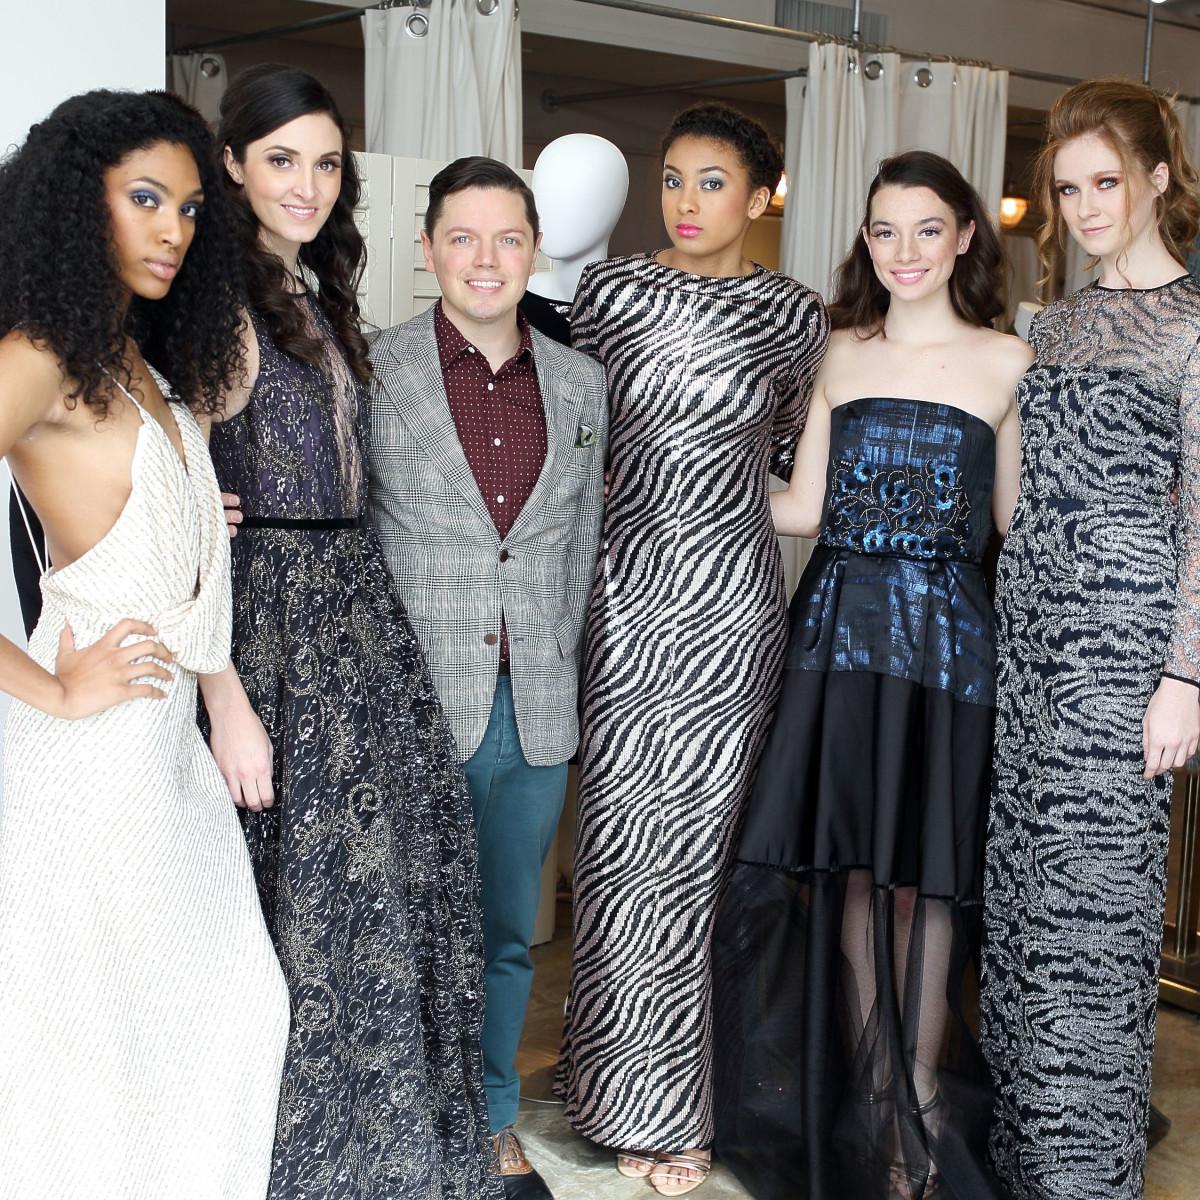 David Peck with models at Miles David fashion show